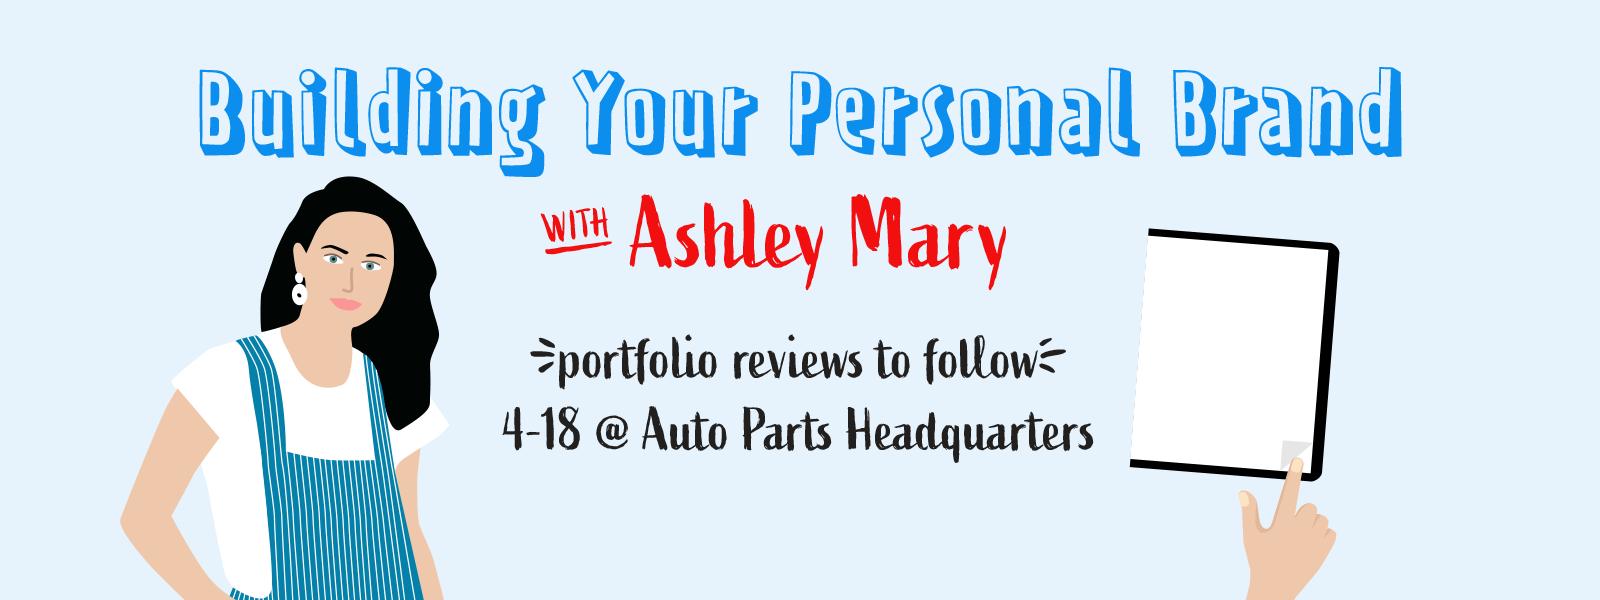 Ashley Mary AAF Central Minnesota